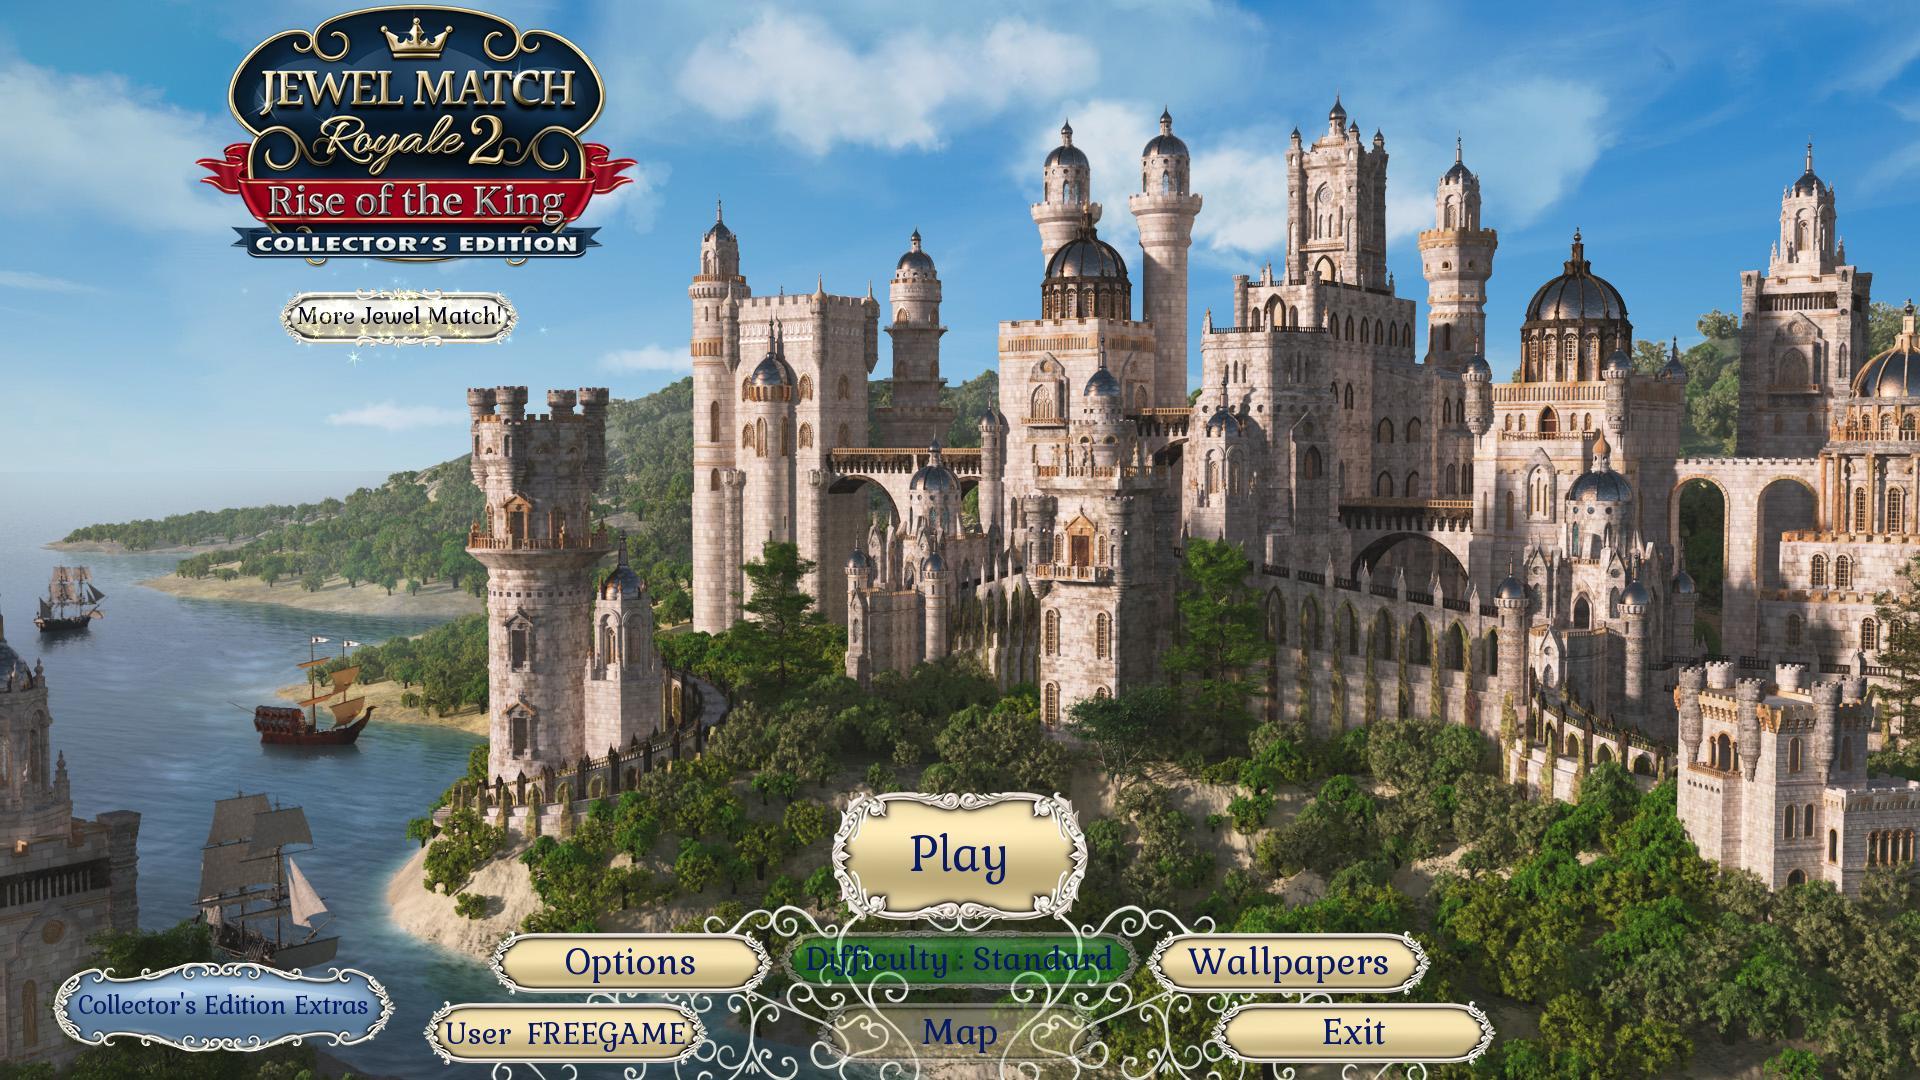 Джевел матч Королевский 2: Восшествие короля. Коллекционное издание | Jewel Match Royale 2: Rise of the King CE (En)